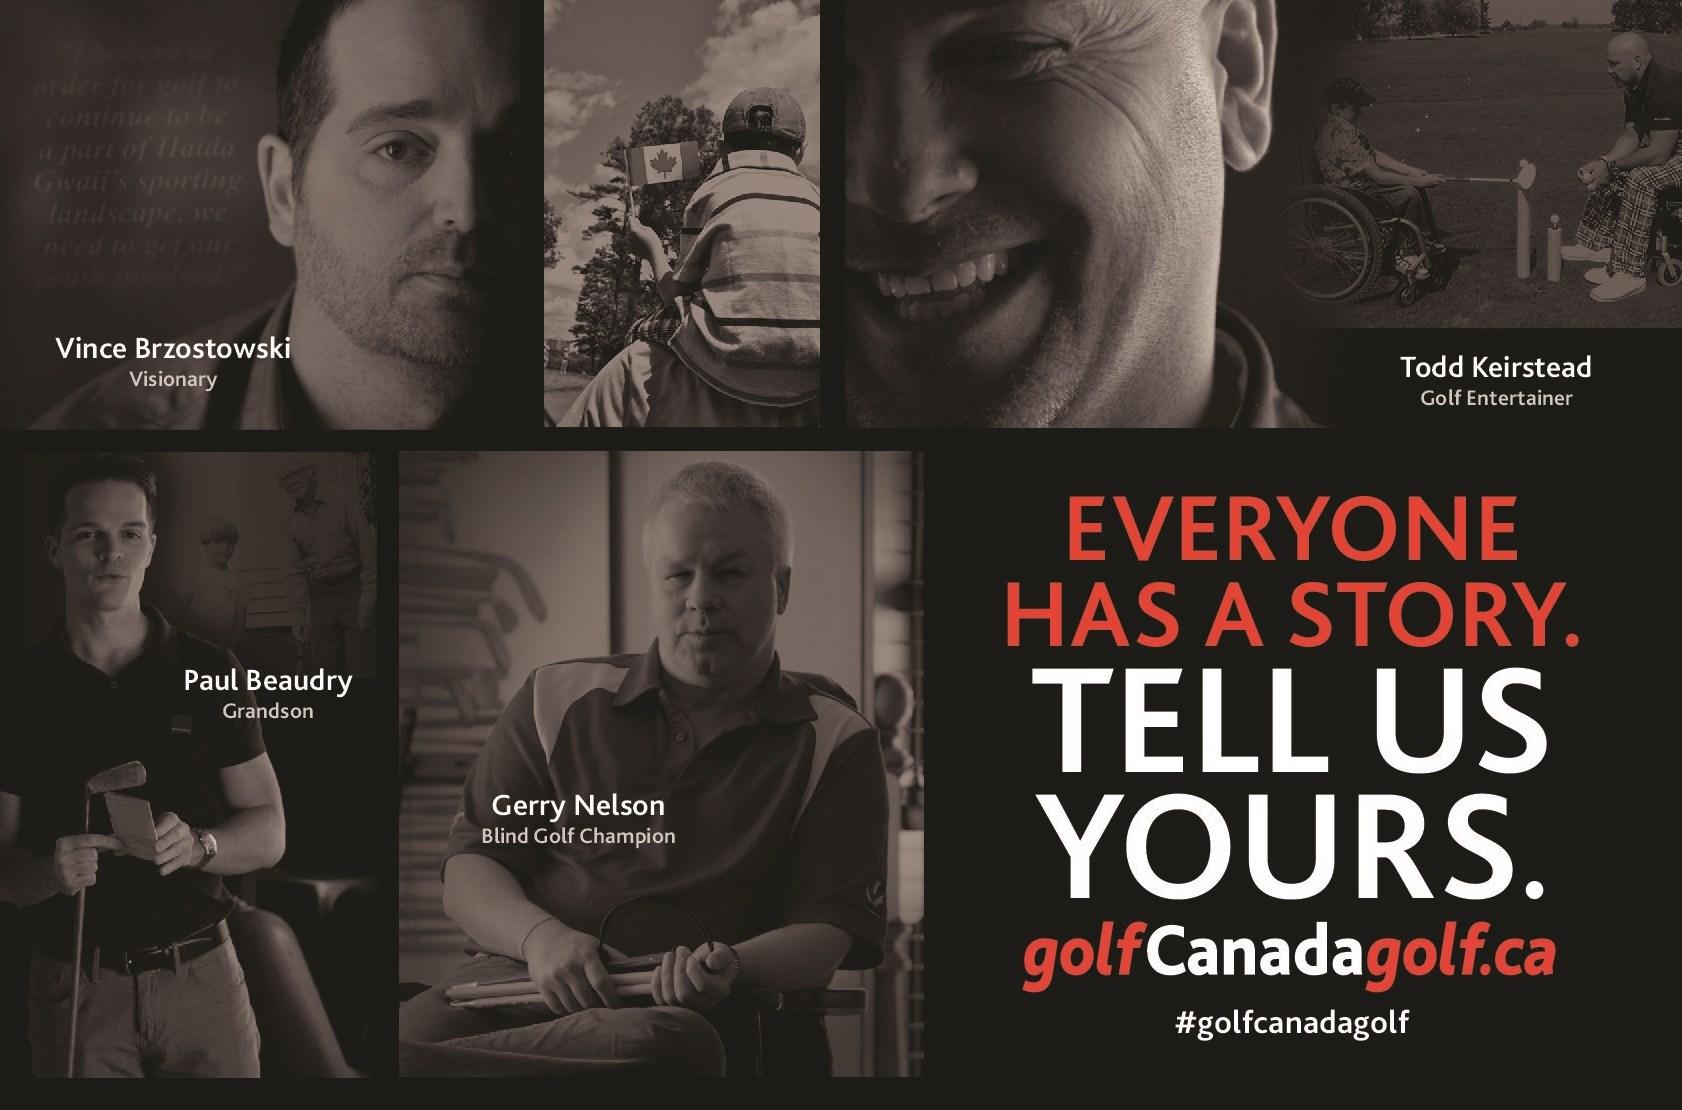 Golf Canada-#GolfCanadaGolf Campaign